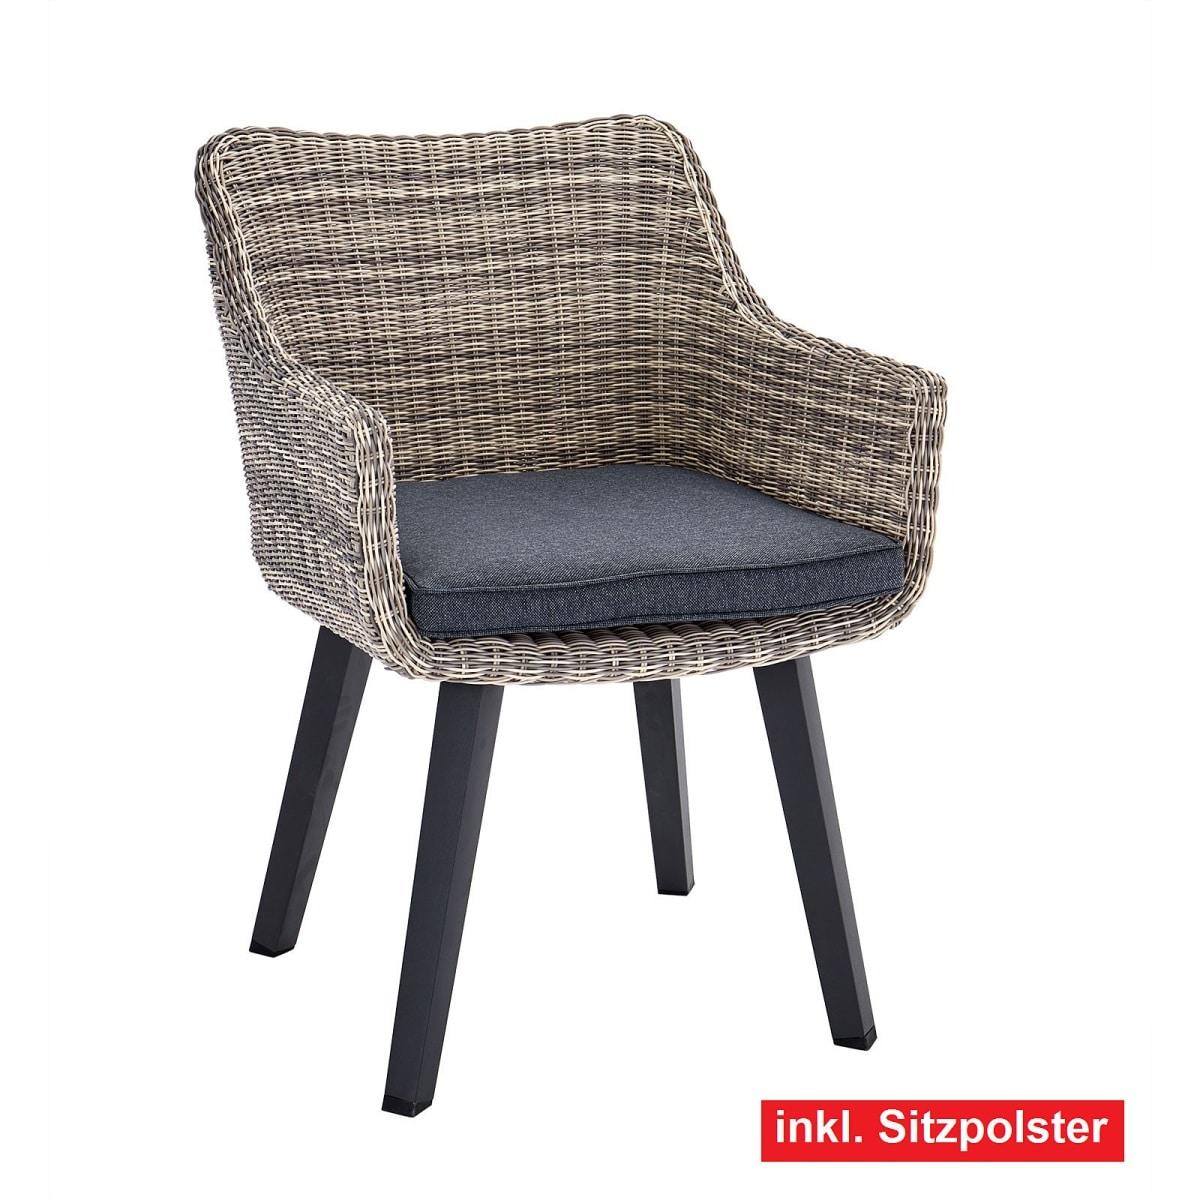 Verschiedene Polster Esszimmerstühle Dekoration Von Outdoor Stuhl /gartenstuhl Mit Armlehnen Und Galera